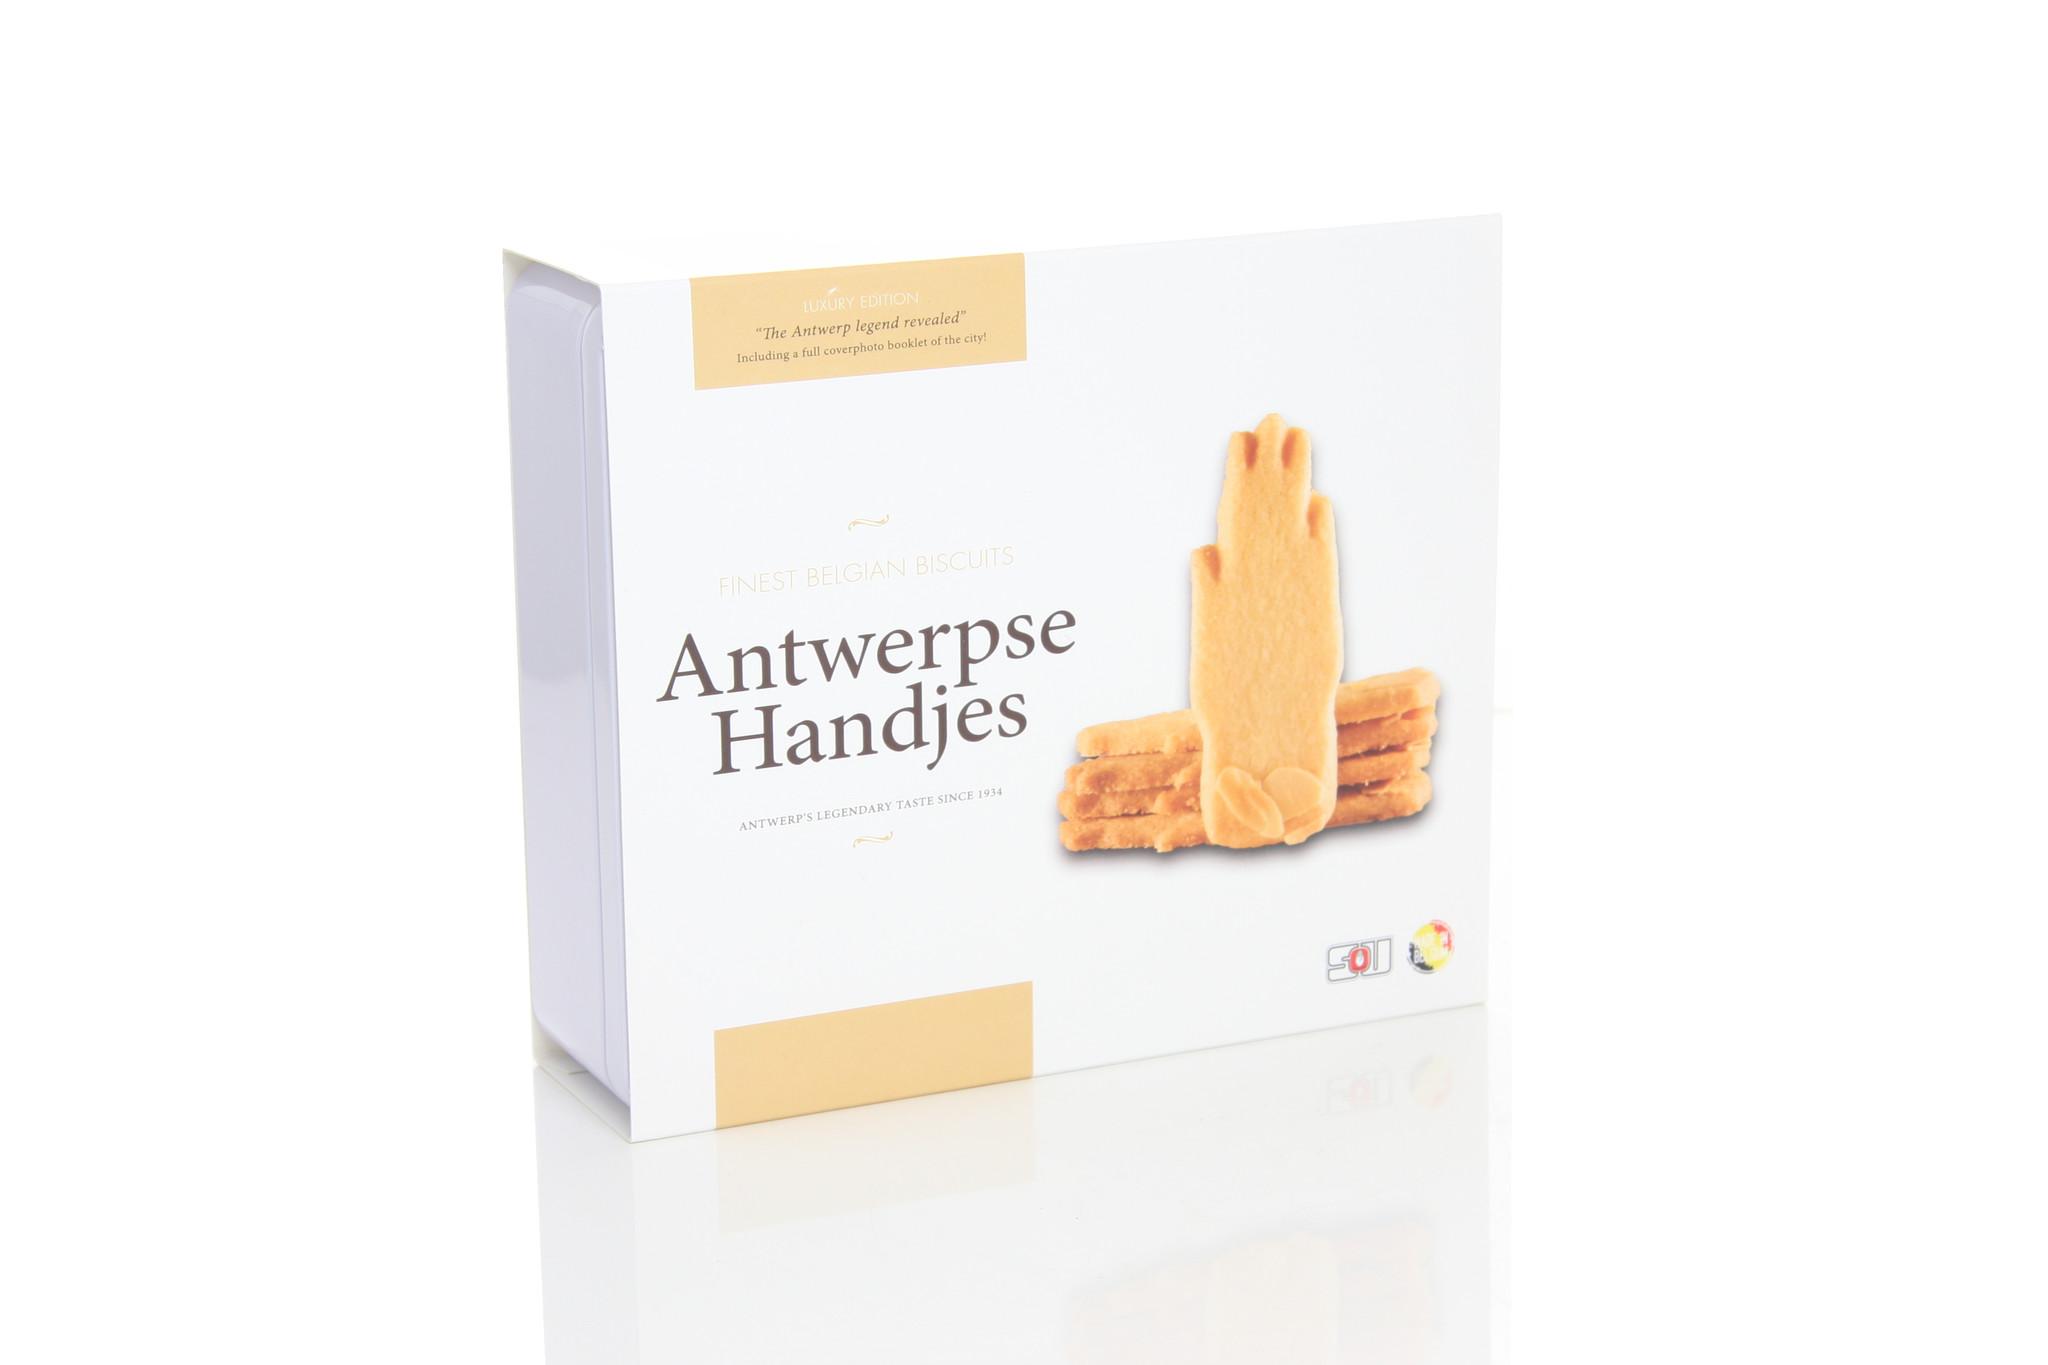 Antwerpse Handjes - biscuit - luxe blik